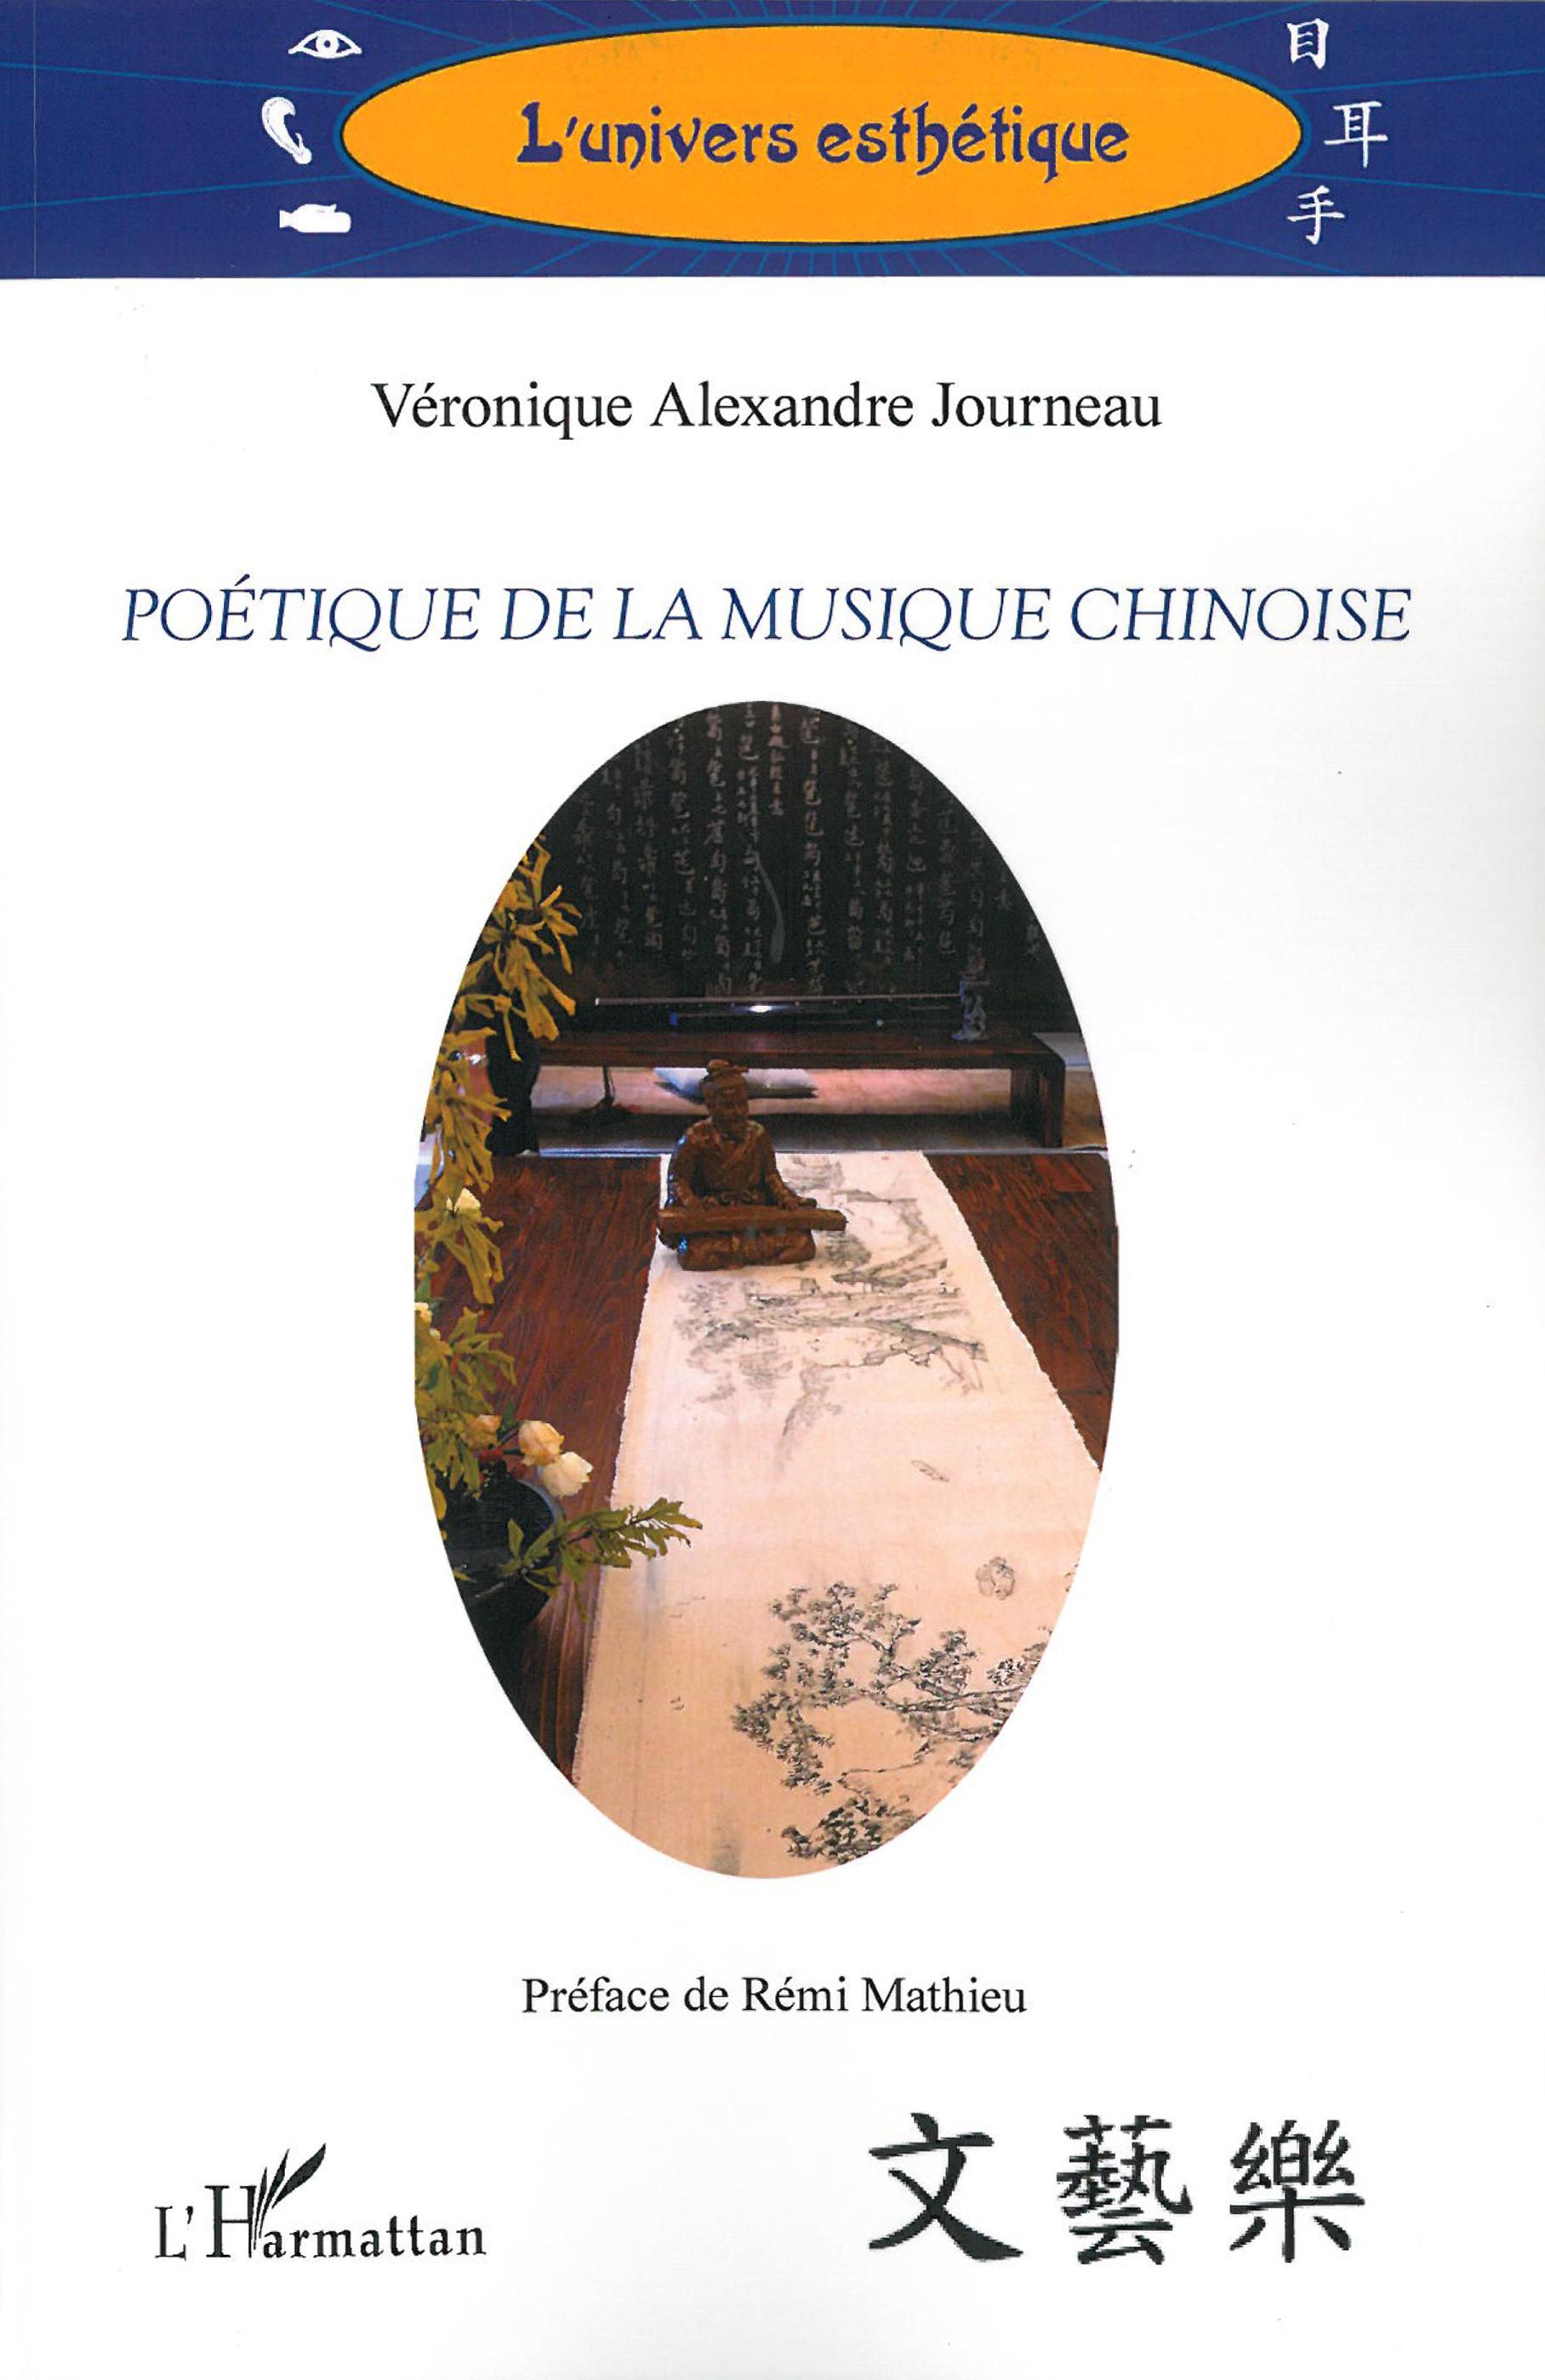 V. Alexandre Journeau, Poétique de la musique chinoise.